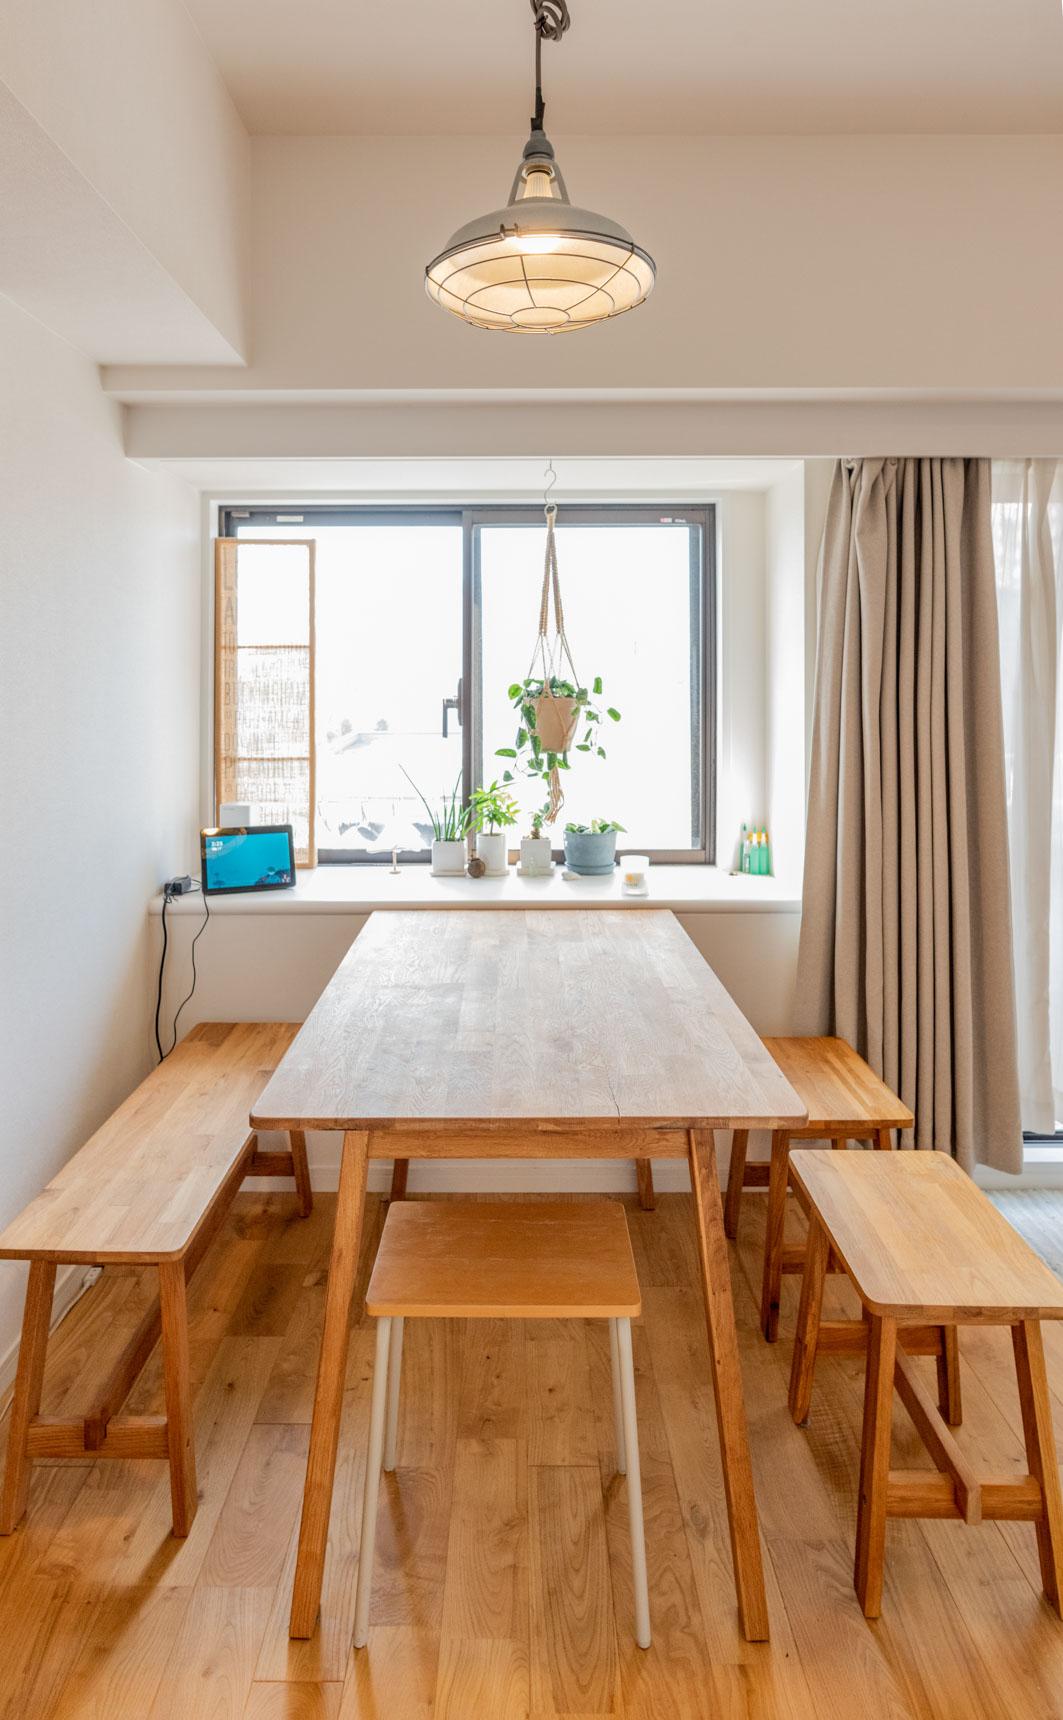 キッチン横にはダイニングテーブル。ひとつづきの空間で開放感がありつつ、食べるところ、くつろぐところがなんとなく区切られていてメリハリもある、絶妙な間取りになった